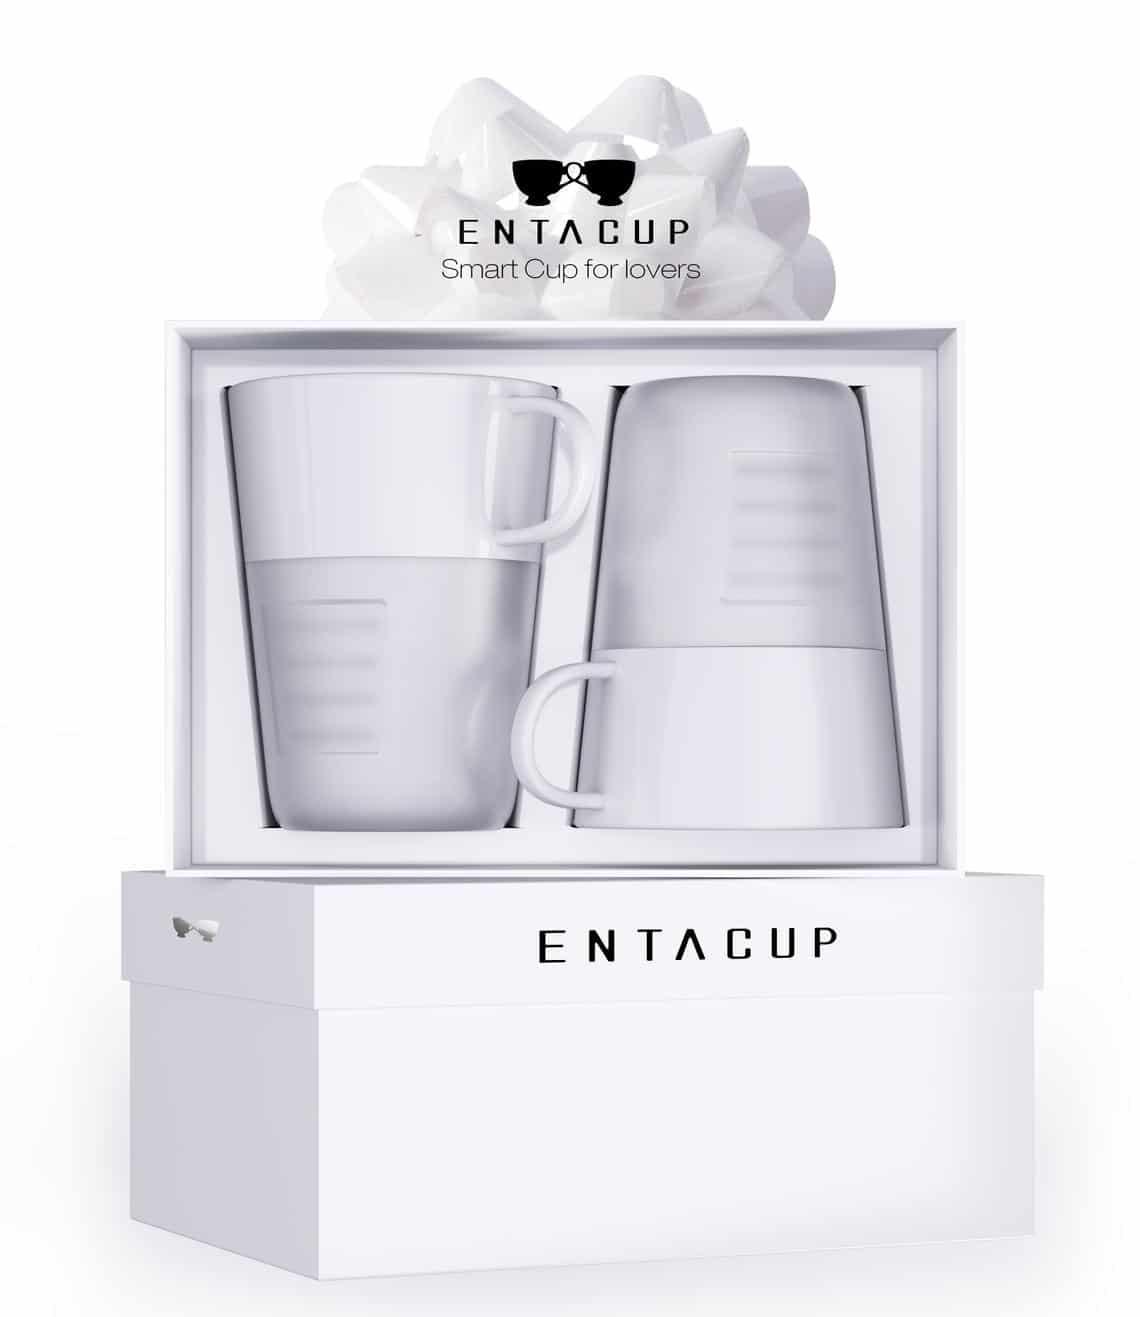 Entacup mug connecté